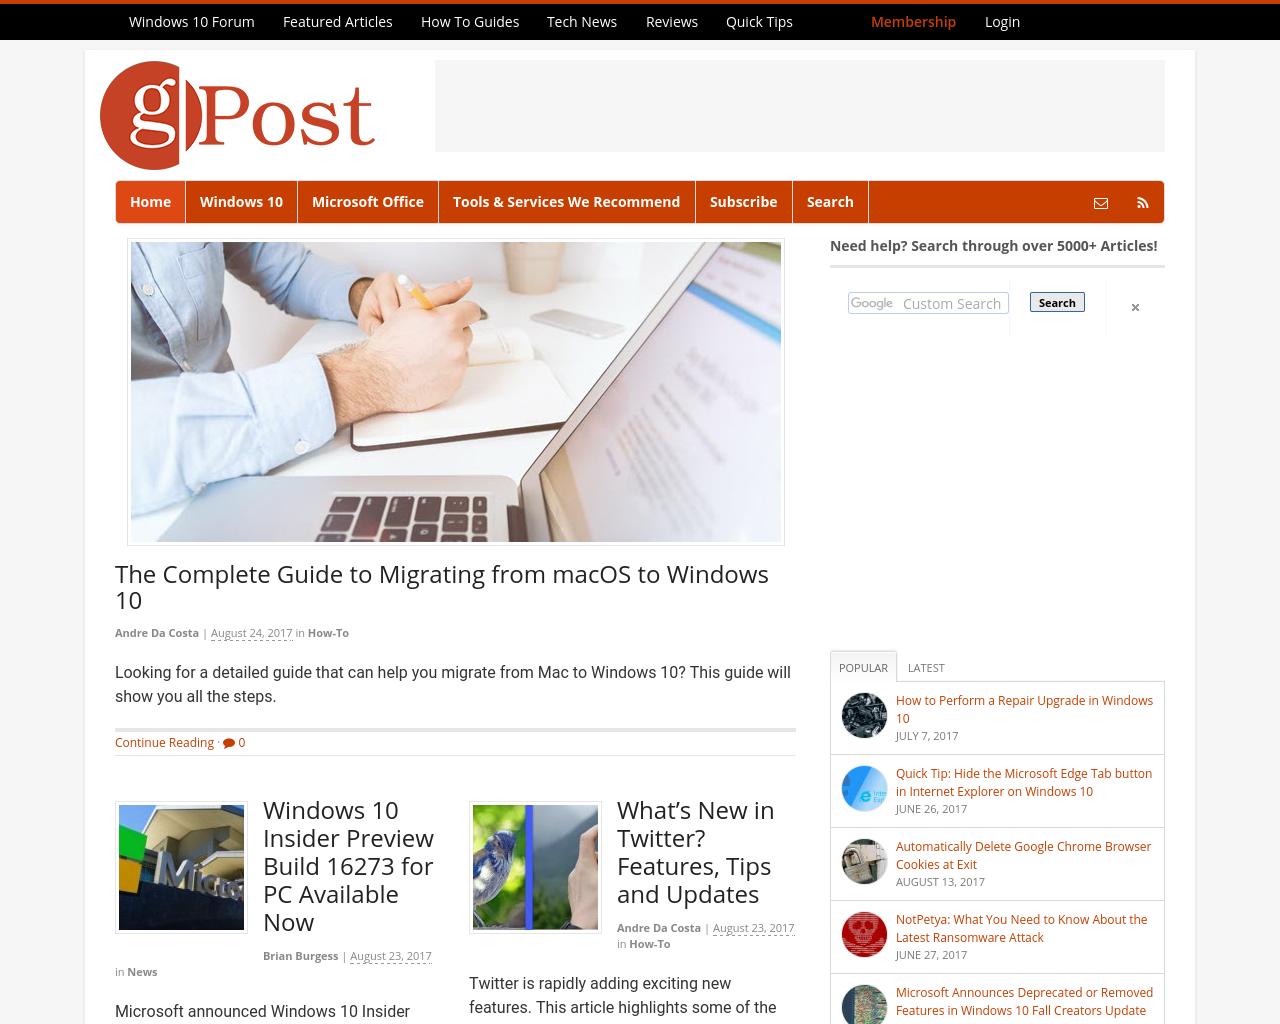 GroovyPost-Advertising-Reviews-Pricing